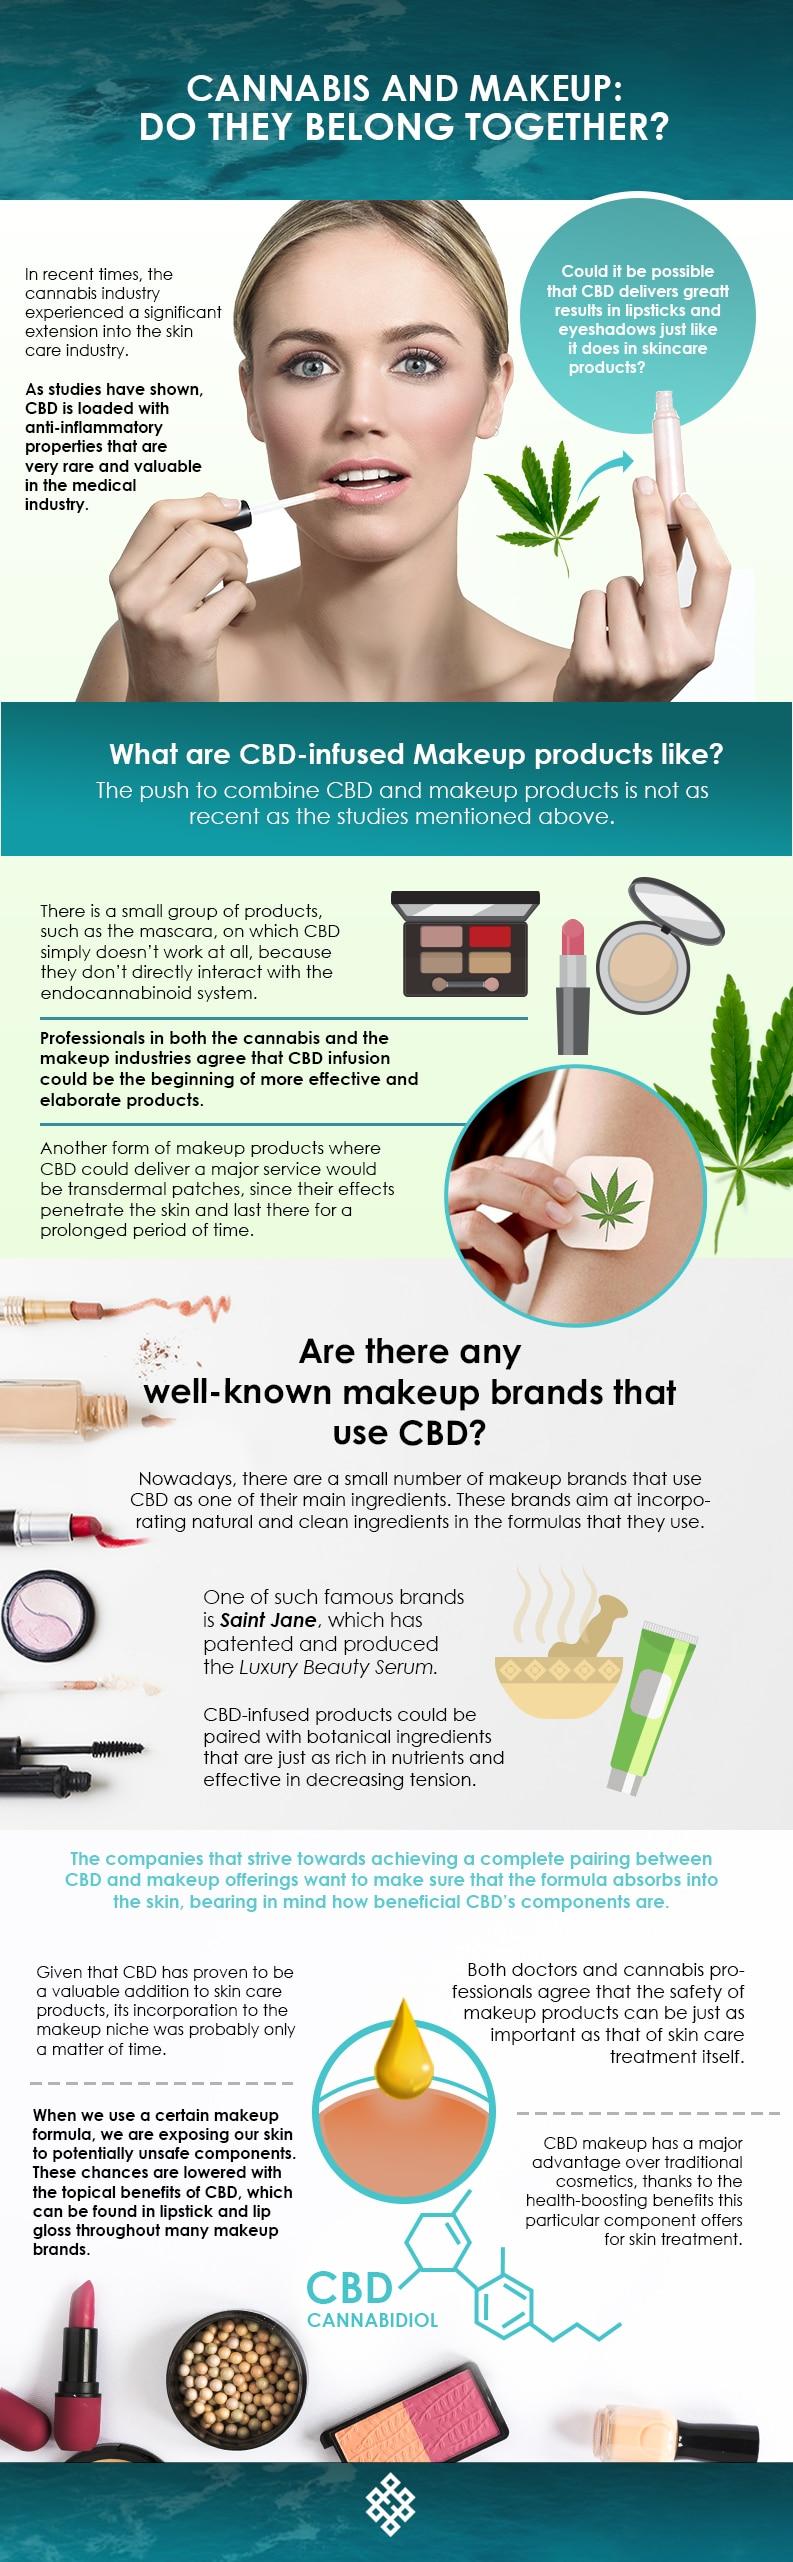 Makeup, Cannabis and Makeup: Do They Belong Together?